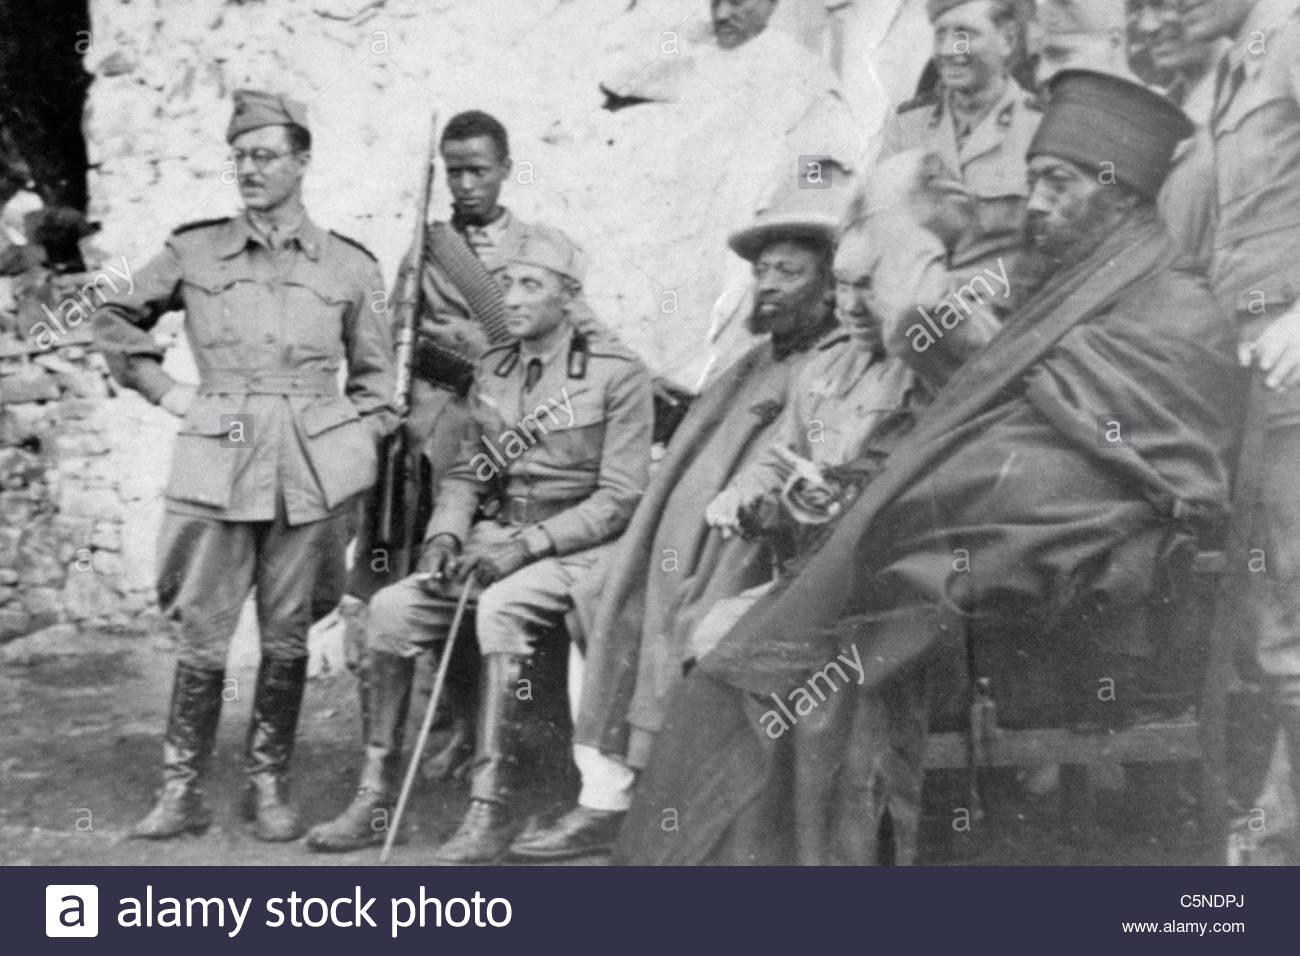 Invasione italiana in Abissinia, africa, 1935 Immagini Stock